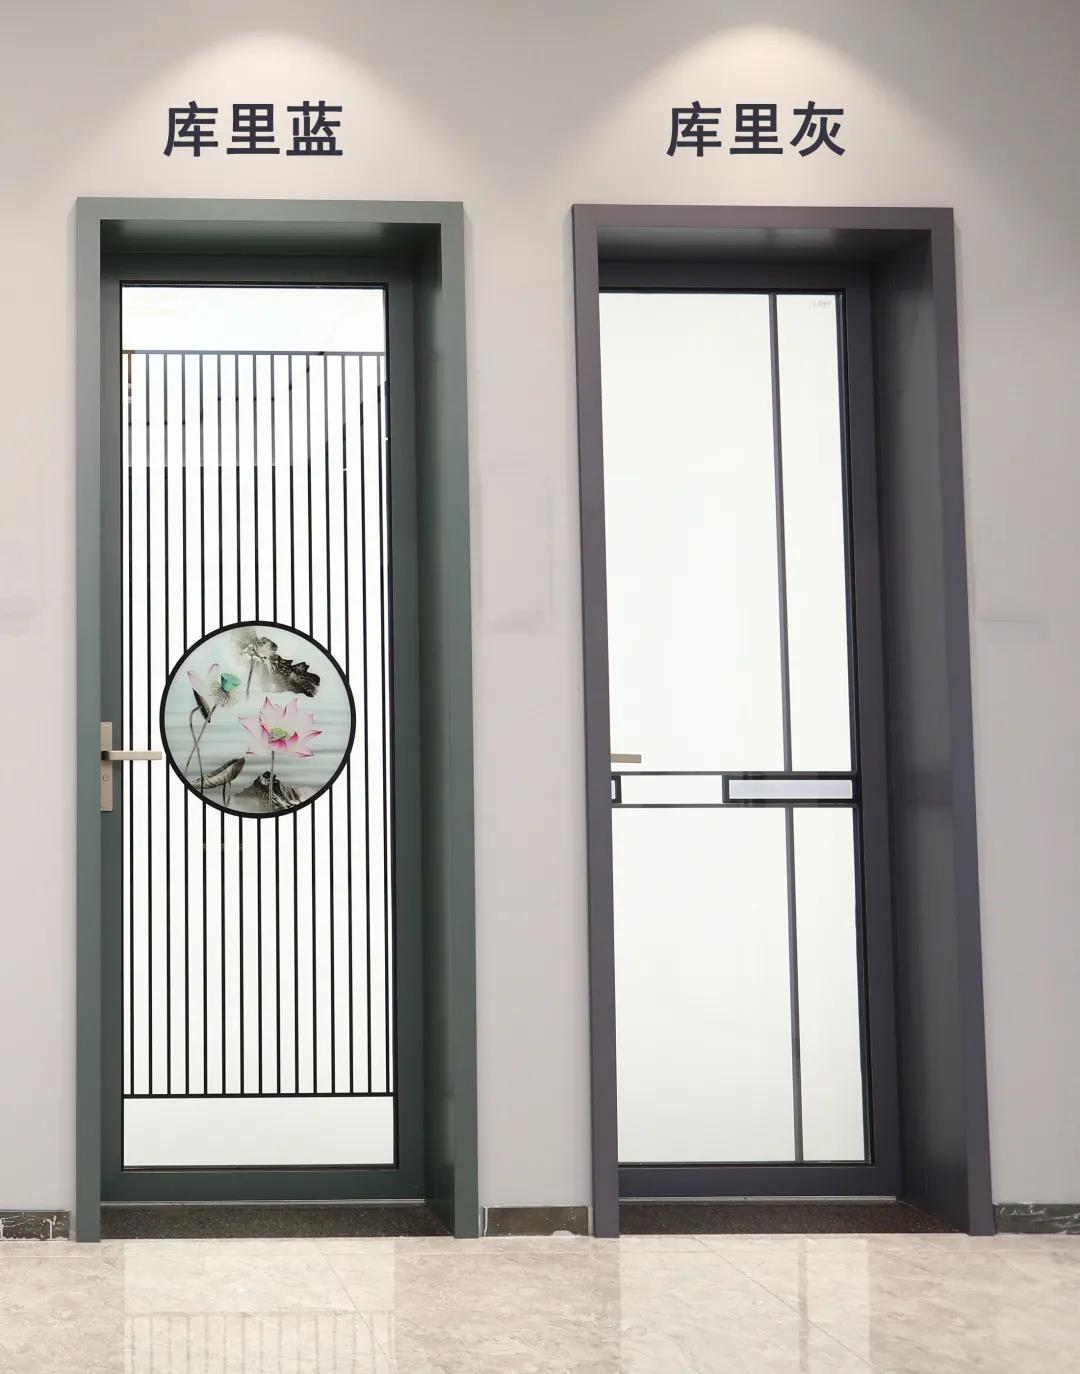 广东门窗厂家金亿世家时尚新色:库里蓝、库里灰